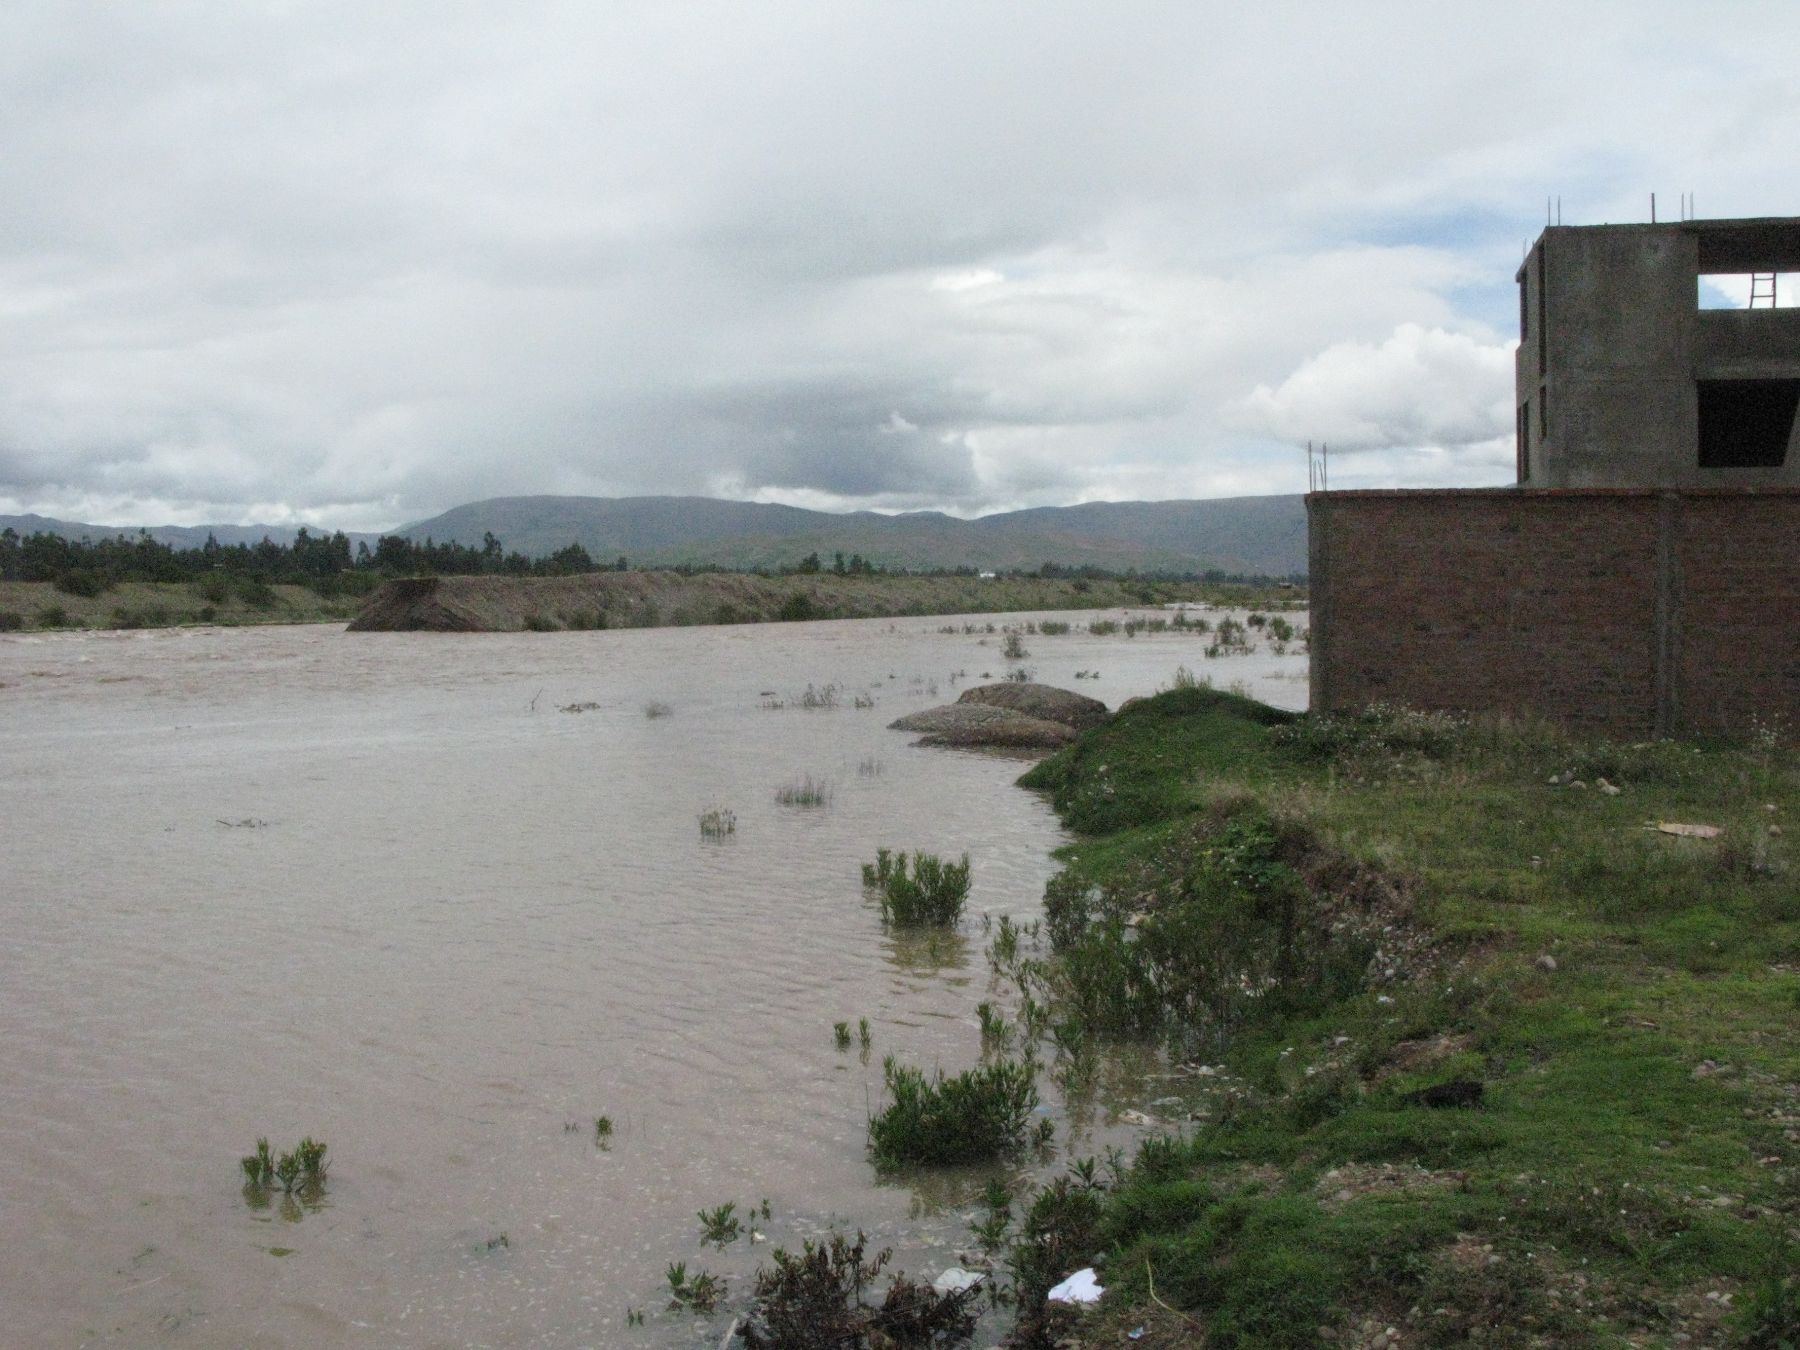 Debido a la intensificación de las precipitaciones que se registra en los últimos días sobre la cuenca del río Mantaro, éste presenta un significativo incremento, así como de sus principales tributarios, alertó hoy el Servicio Nacional de Meteorología e Hidrología (Senamhi). ANDINA/Pedro Tinoco